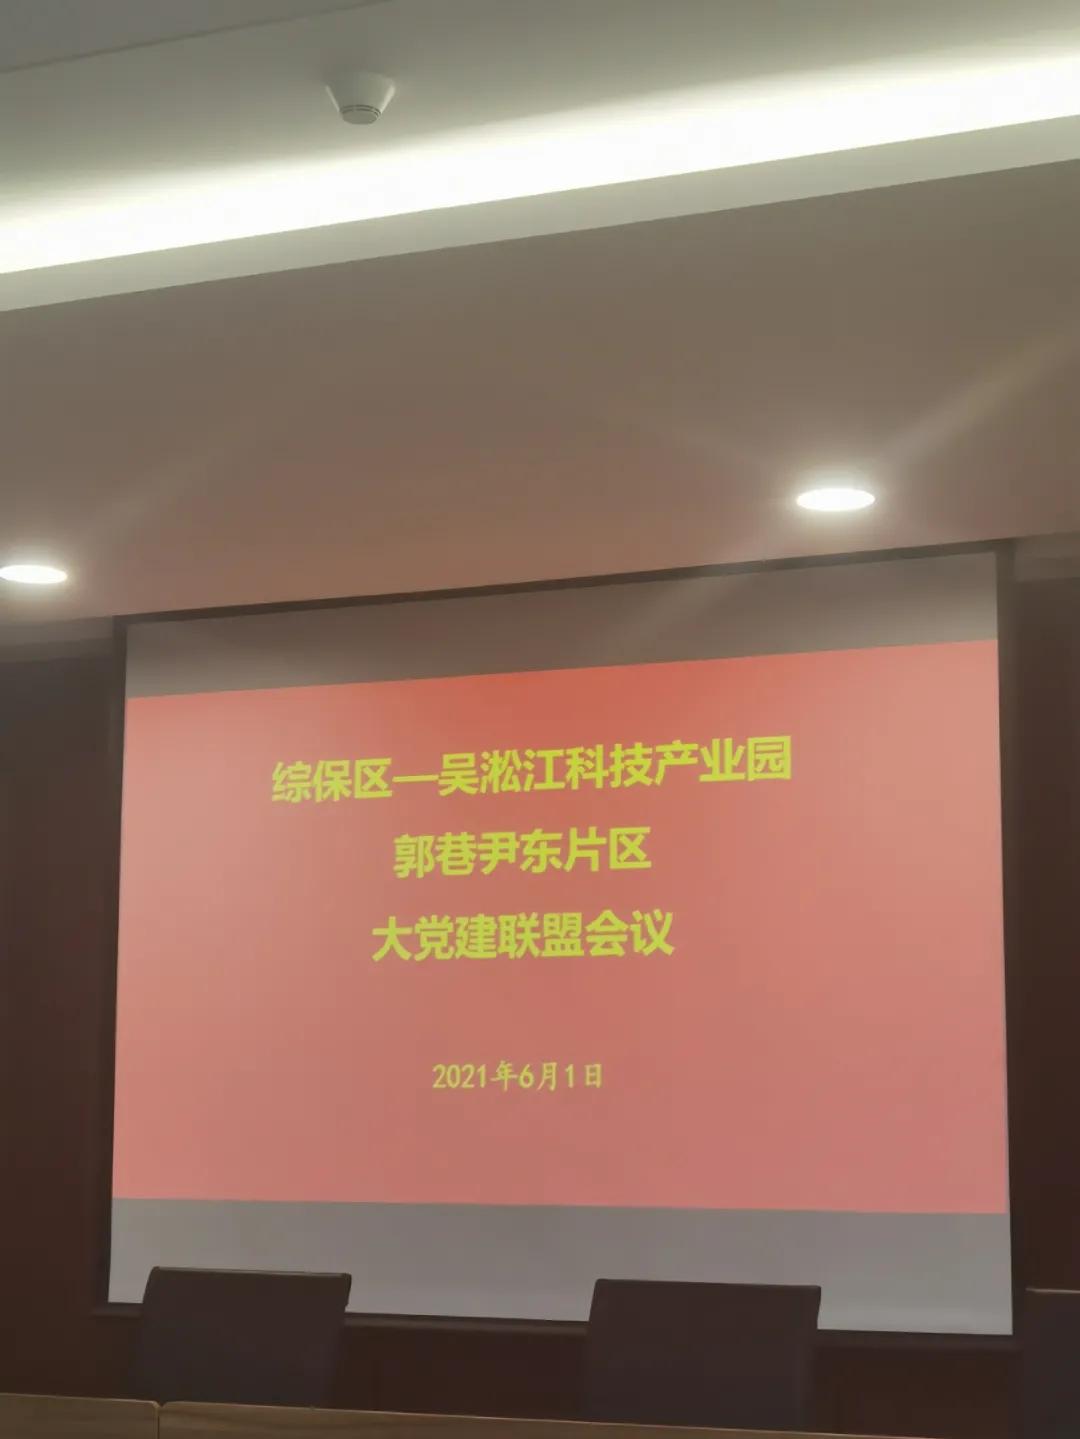 综保区-吴淞江科技产业园郭巷尹东片区大党建联盟会议